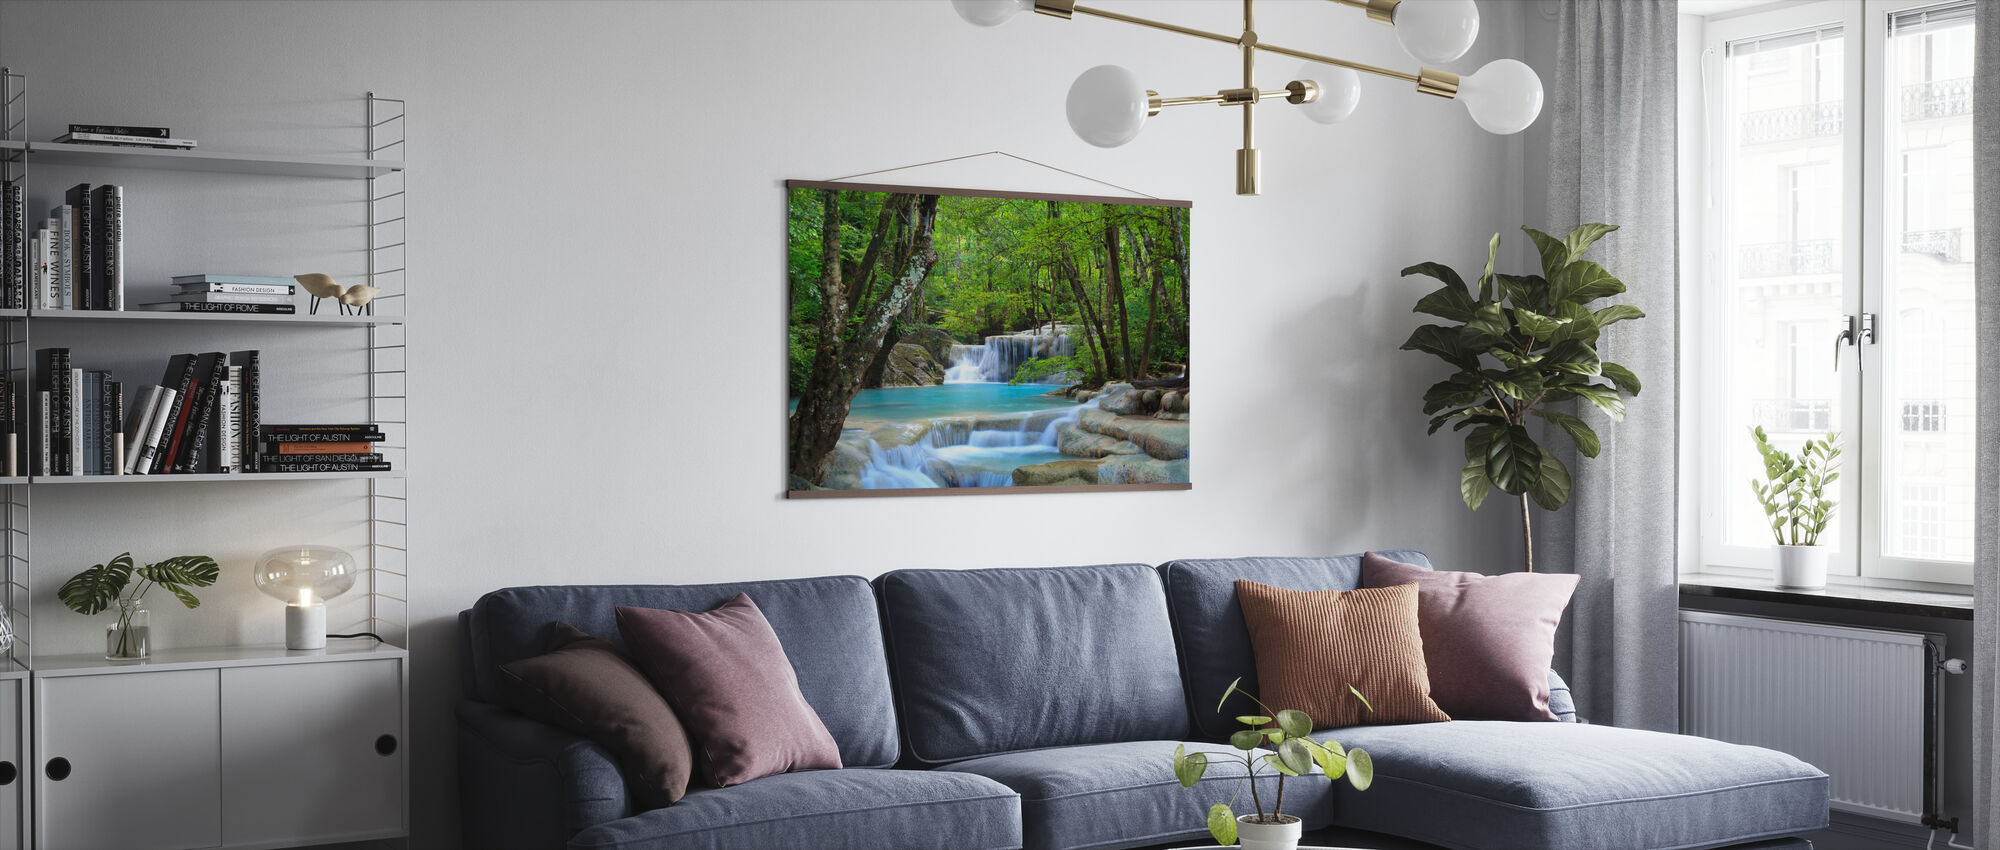 Erawan foss Thailand - Plakat - Stue